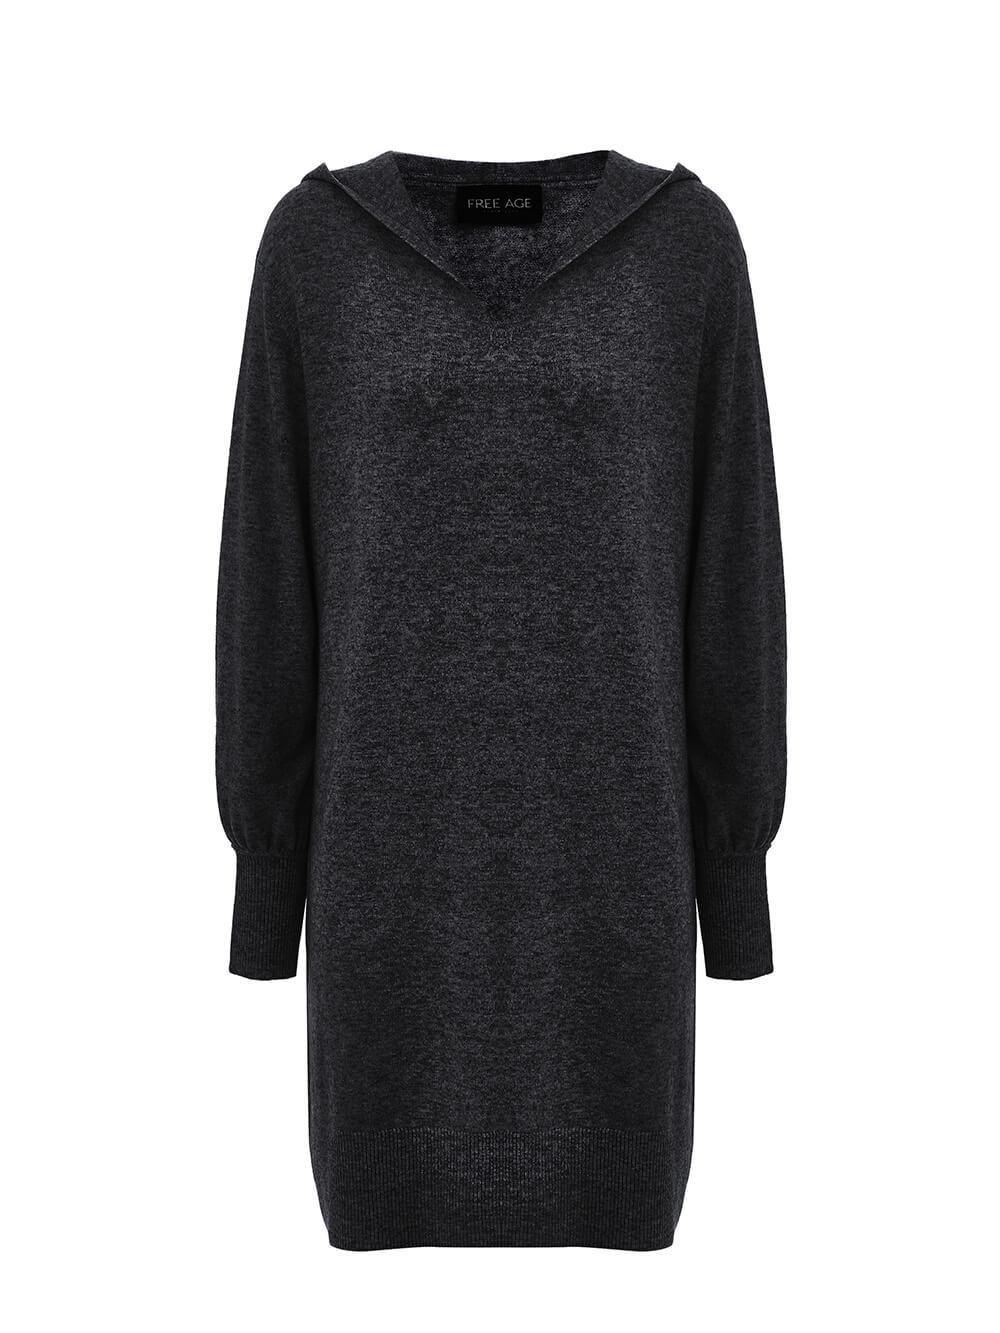 Женское платье черного цвета из шерсти и кашемира - фото 1